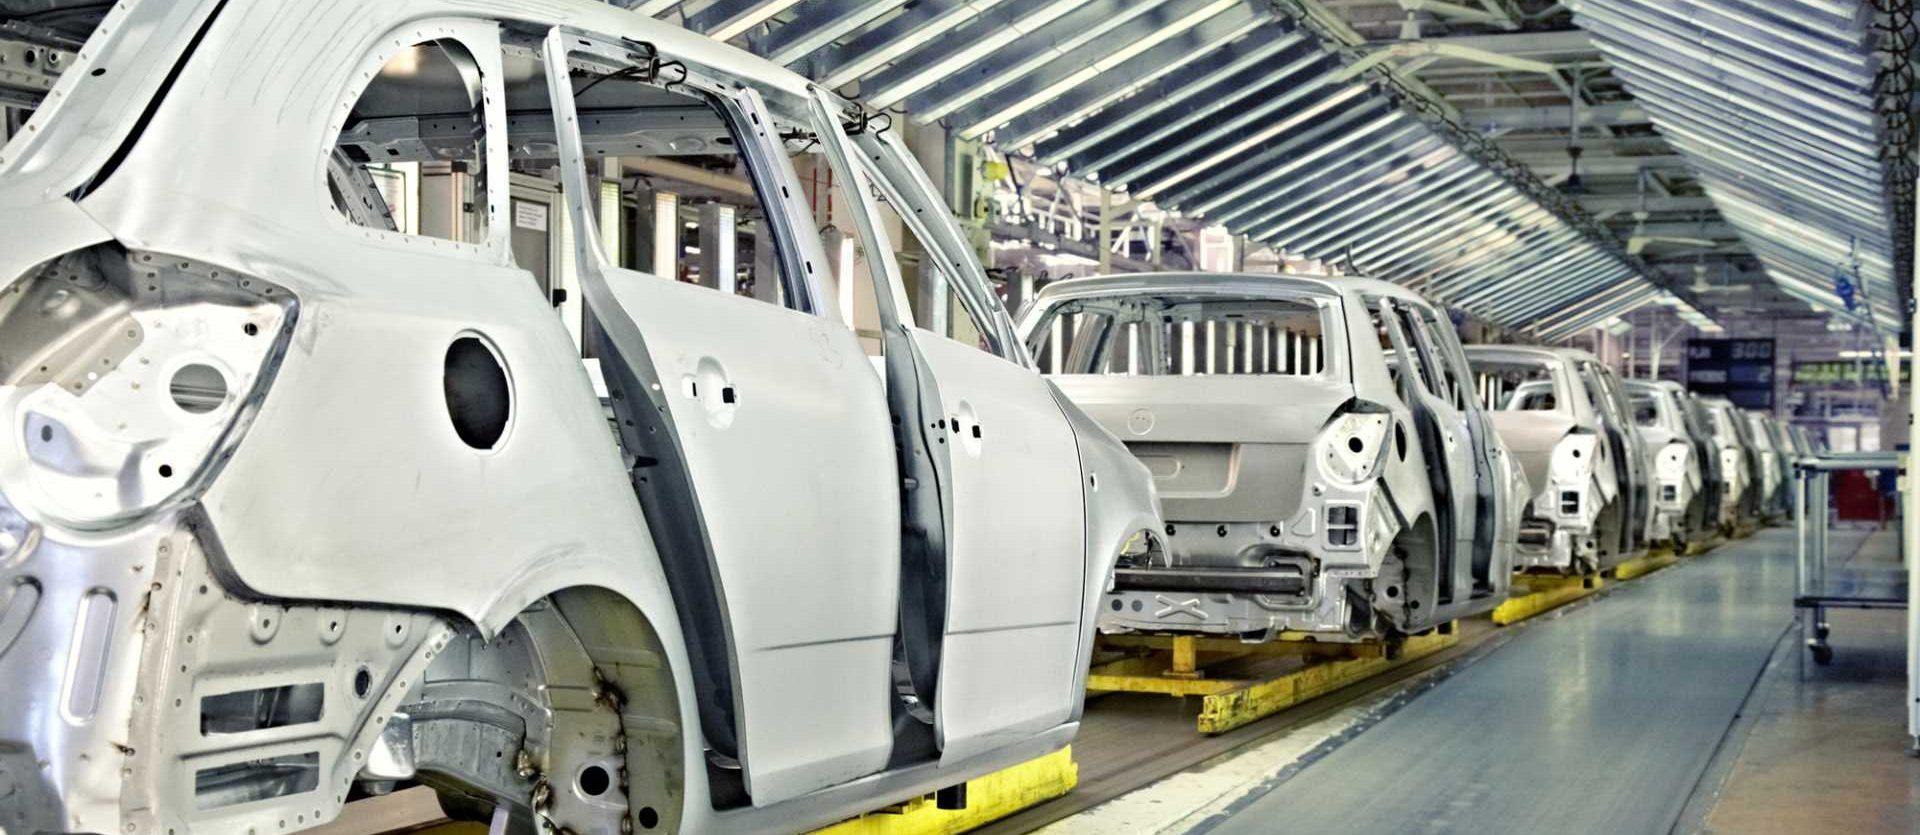 car automotive manufacturing - depositphotos